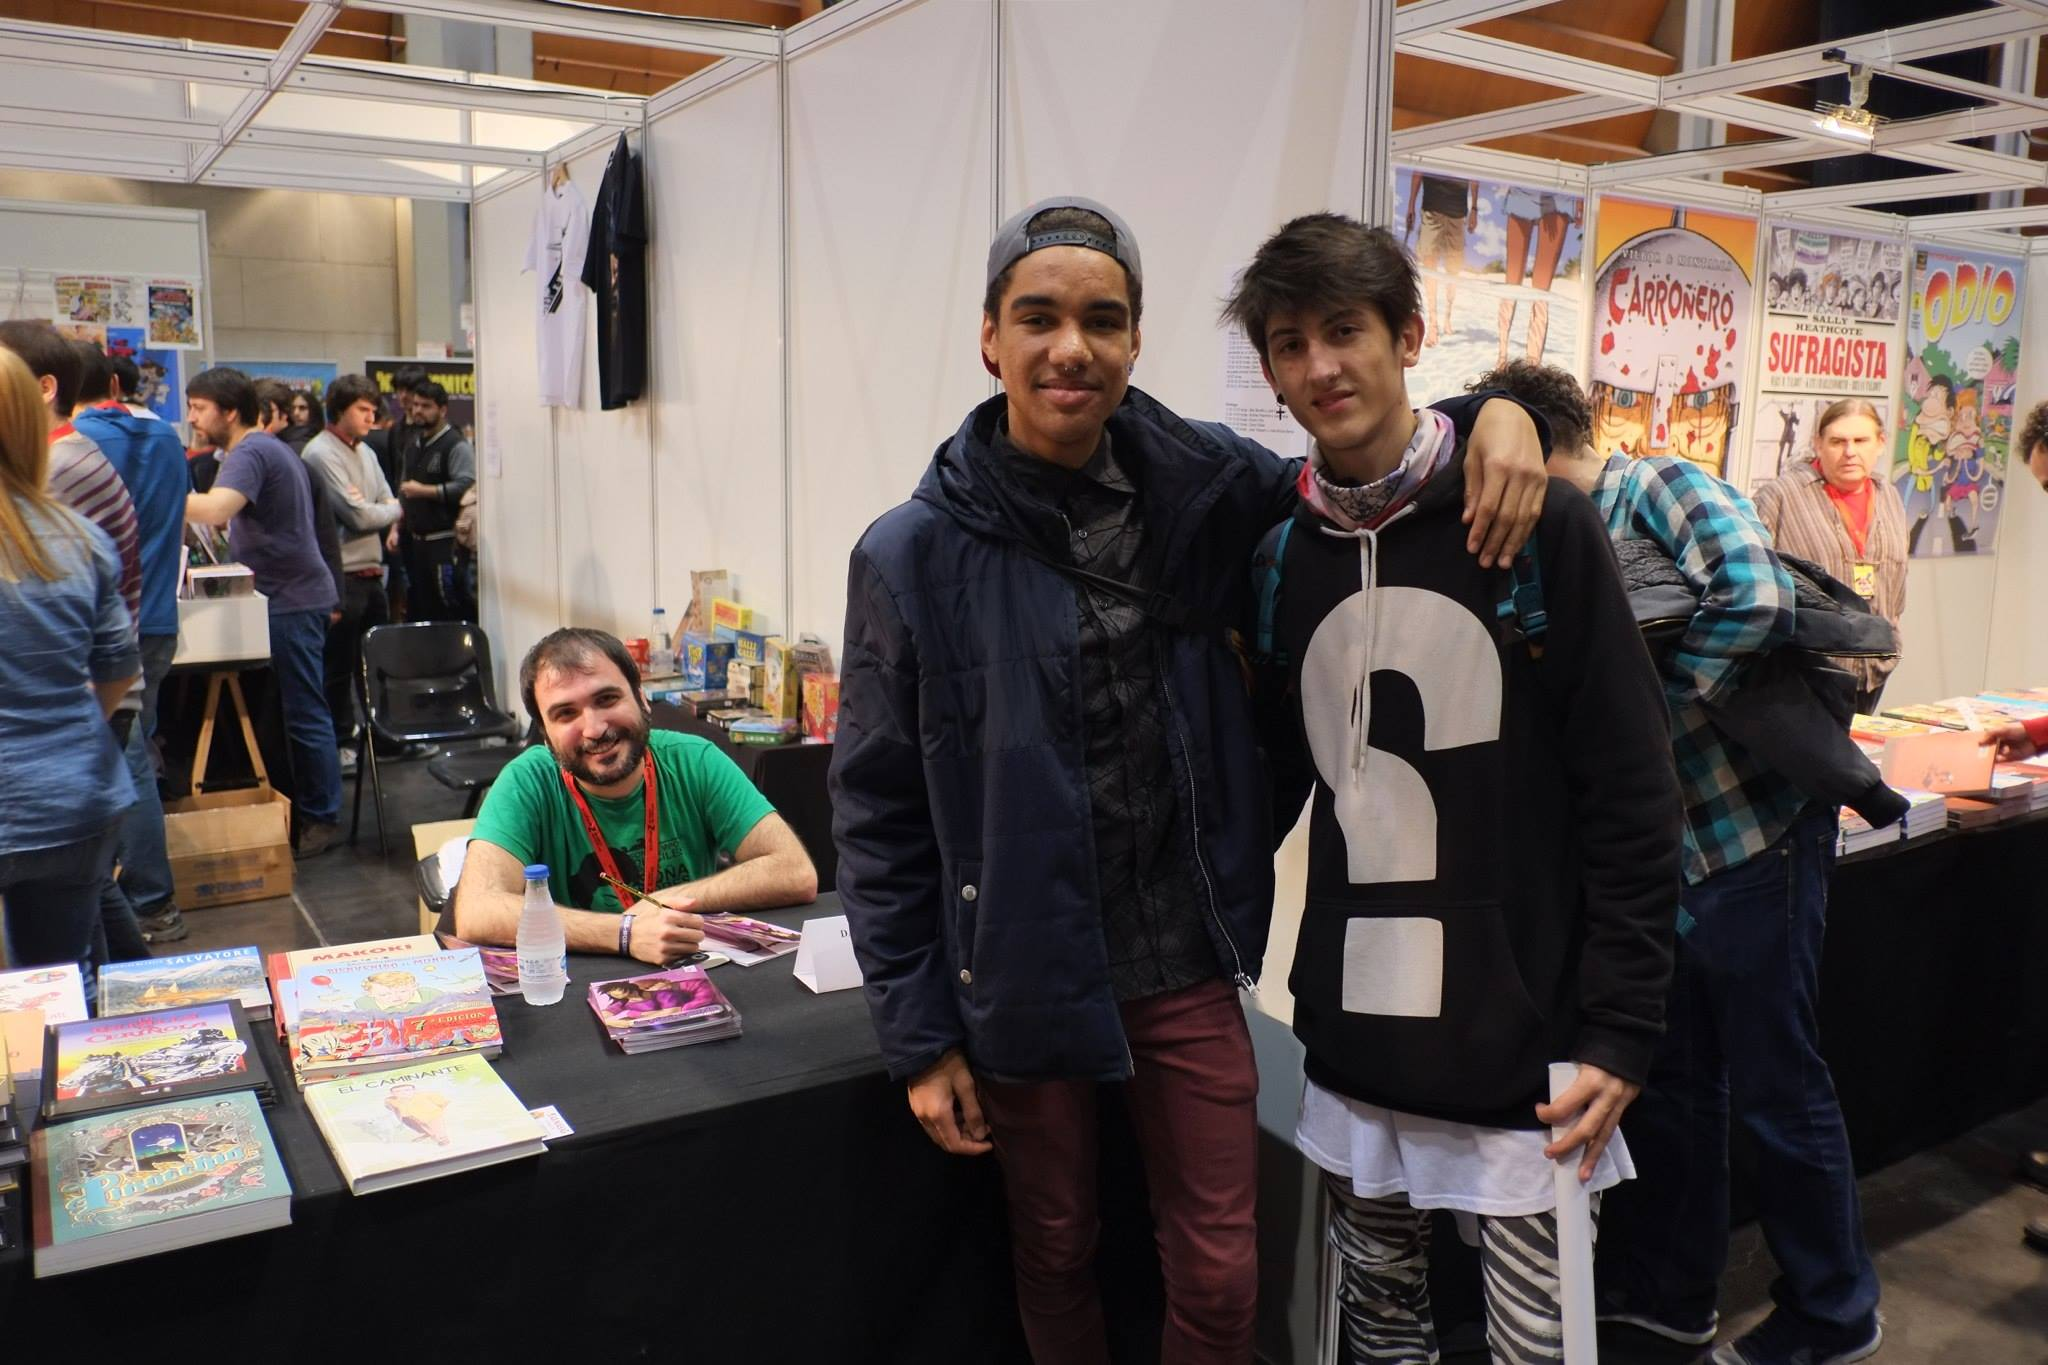 Salón_del_Comic_2015_David_Pallás_Gozalo__Firma_Los_Príncipes_Morados_9